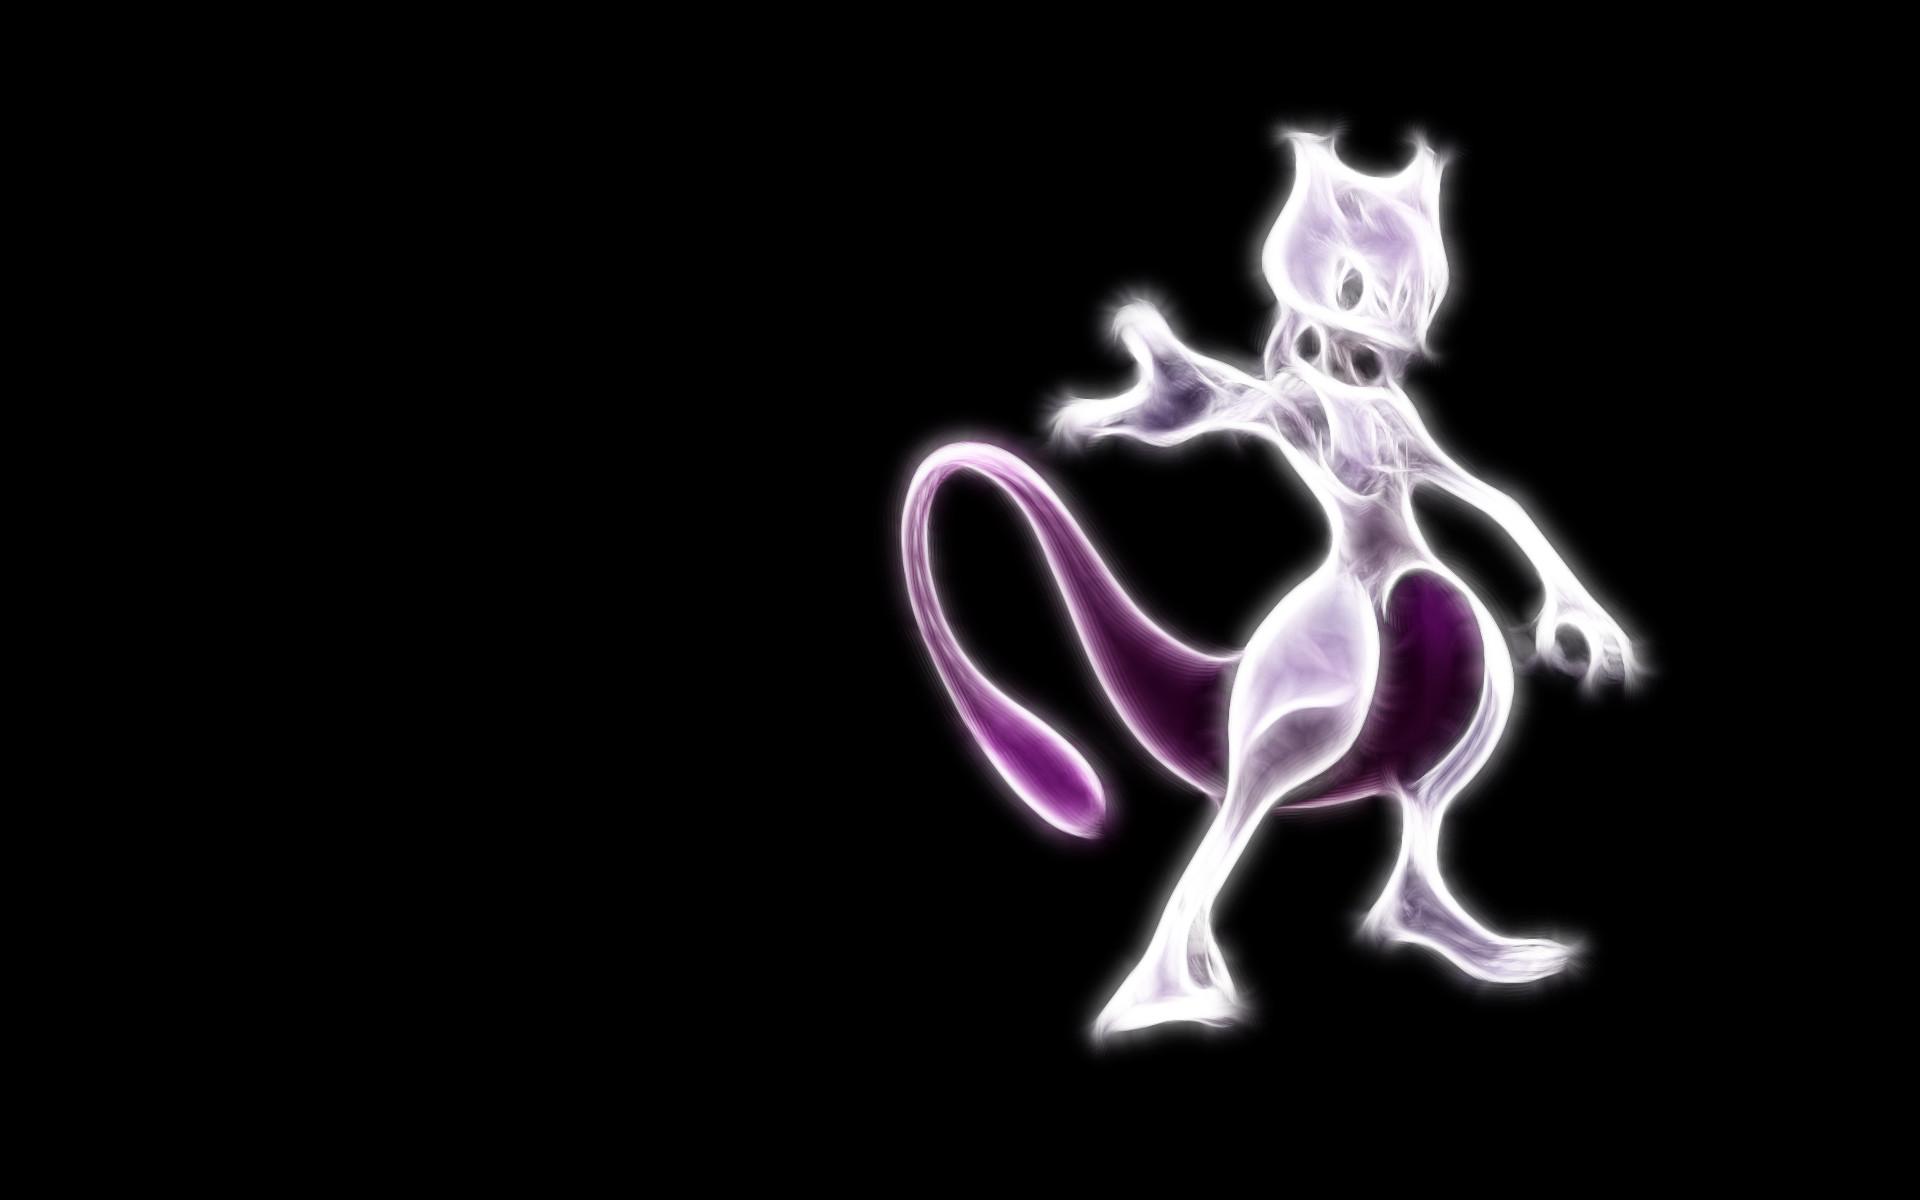 Res: 1920x1200, Computerspiele - Pokémon Mewtwo (Pokémon) Wallpaper